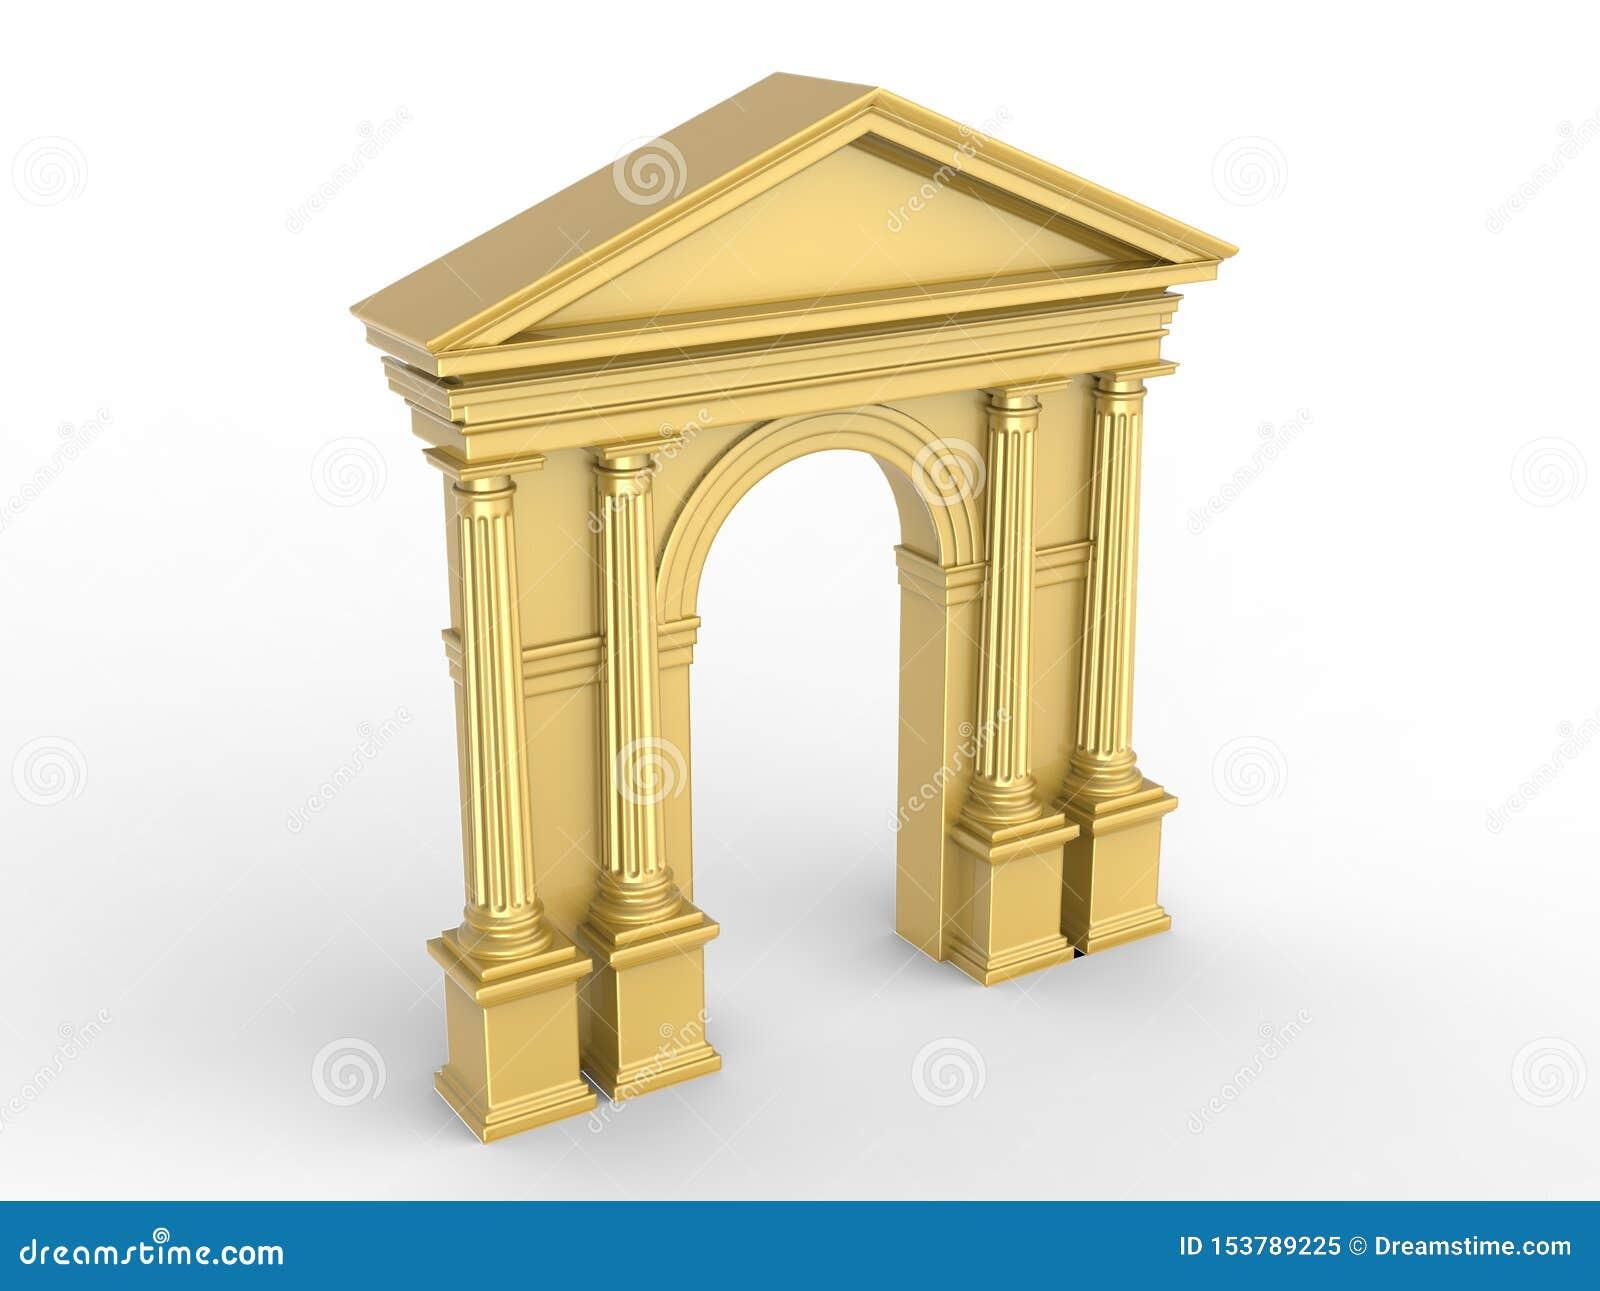 Μια χρυσή κλασική αψίδα, arcade με τις κορινθιακές στήλες, δωρικά pilasters που απομονώνονται στο λευκό